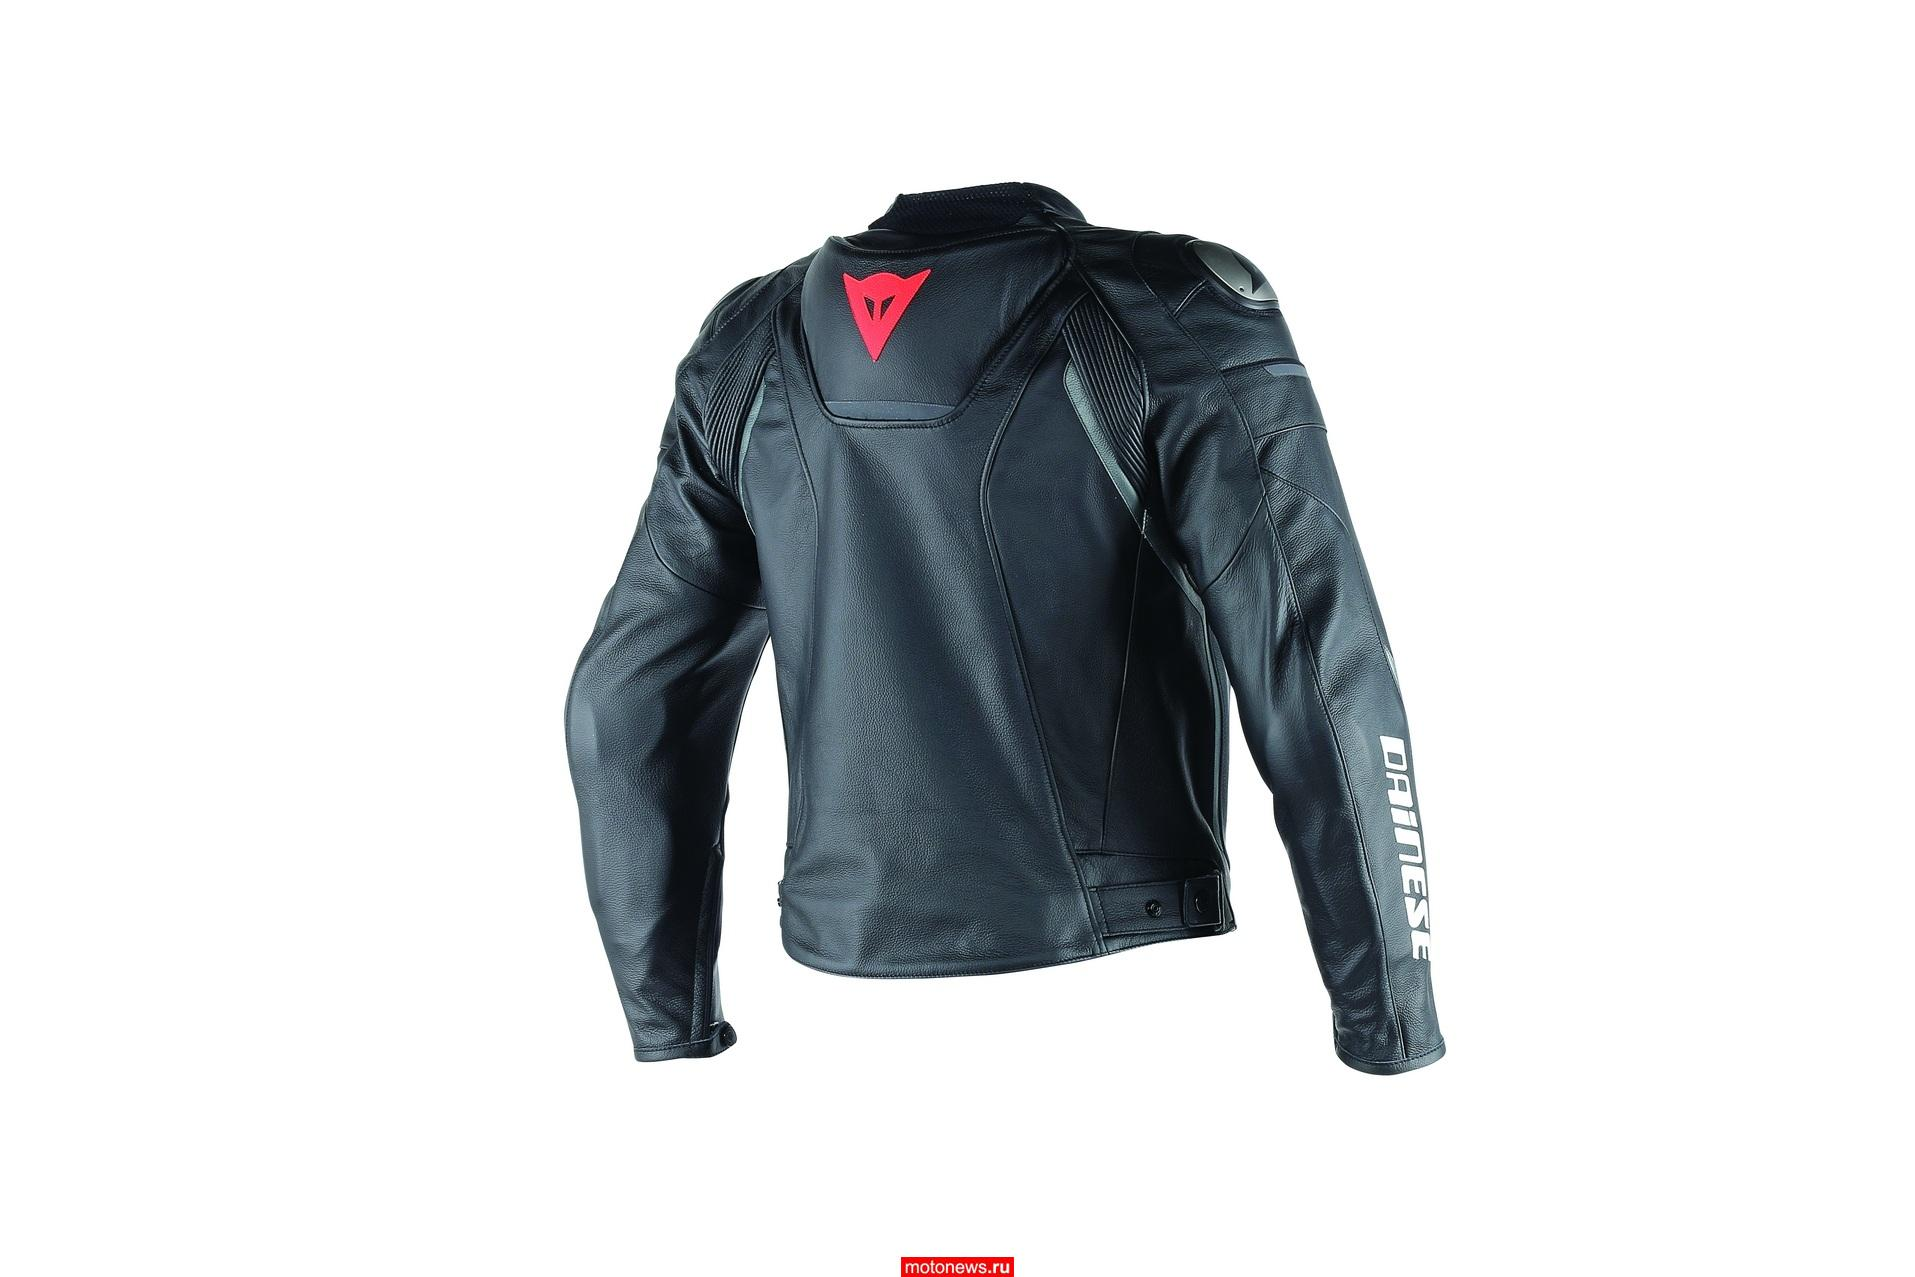 Новая мотокуртка Super Fast Pelle от Dainese